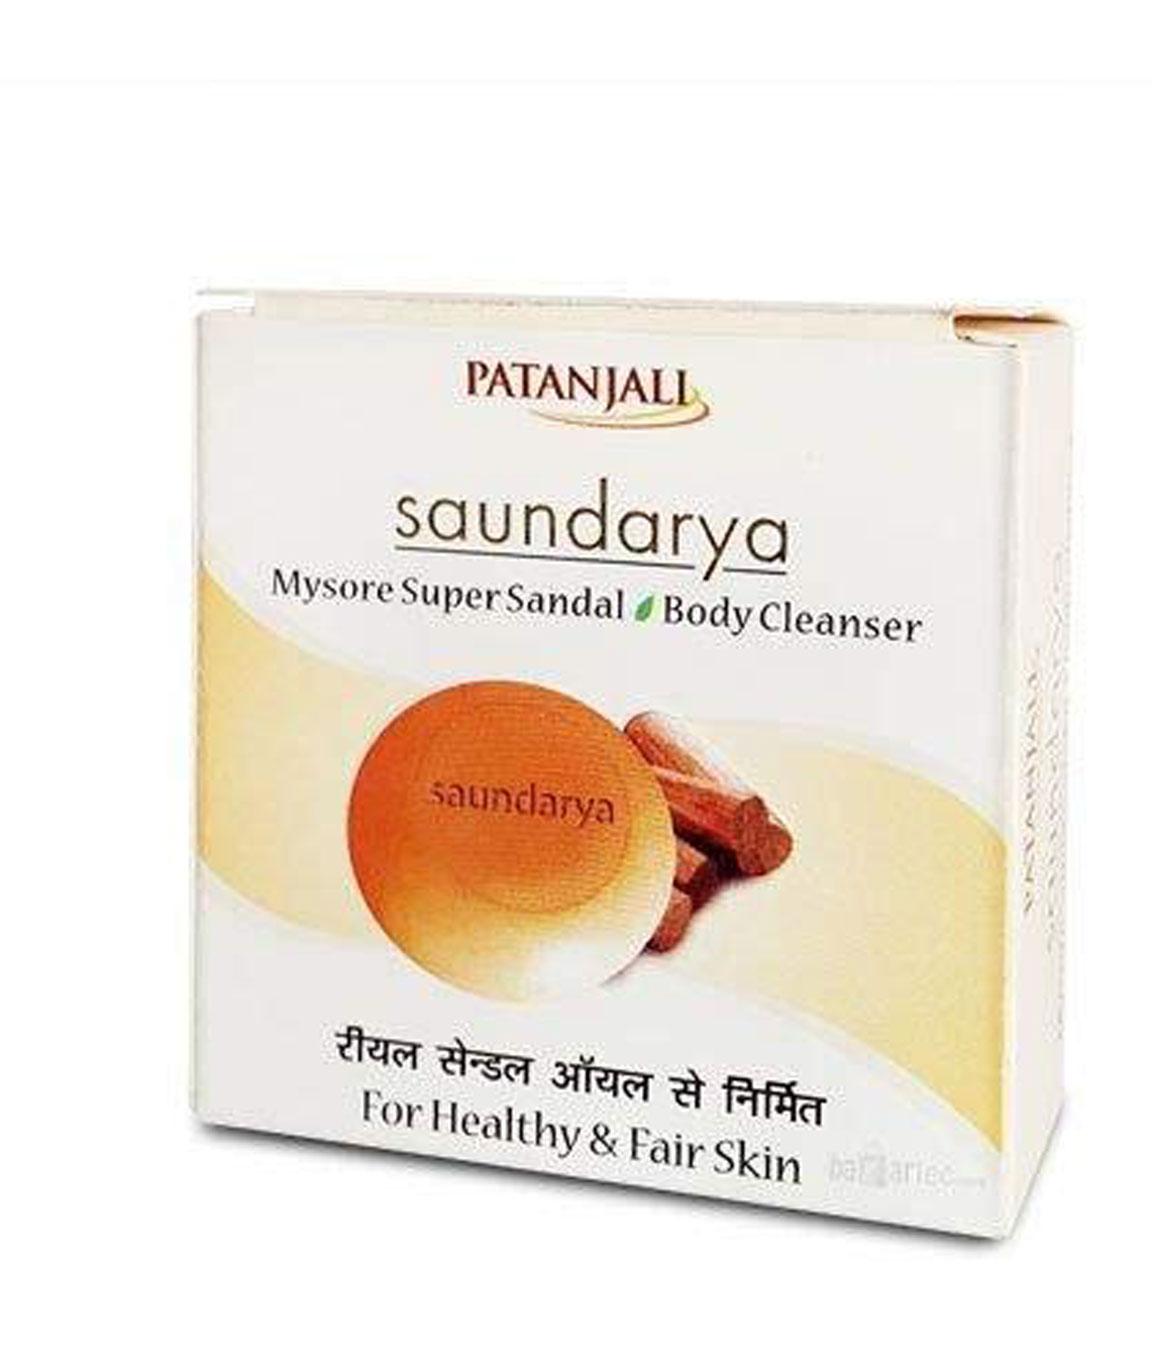 Patanjali Saundarya Sandal Body Cleanser, 75g (Pack of 5)